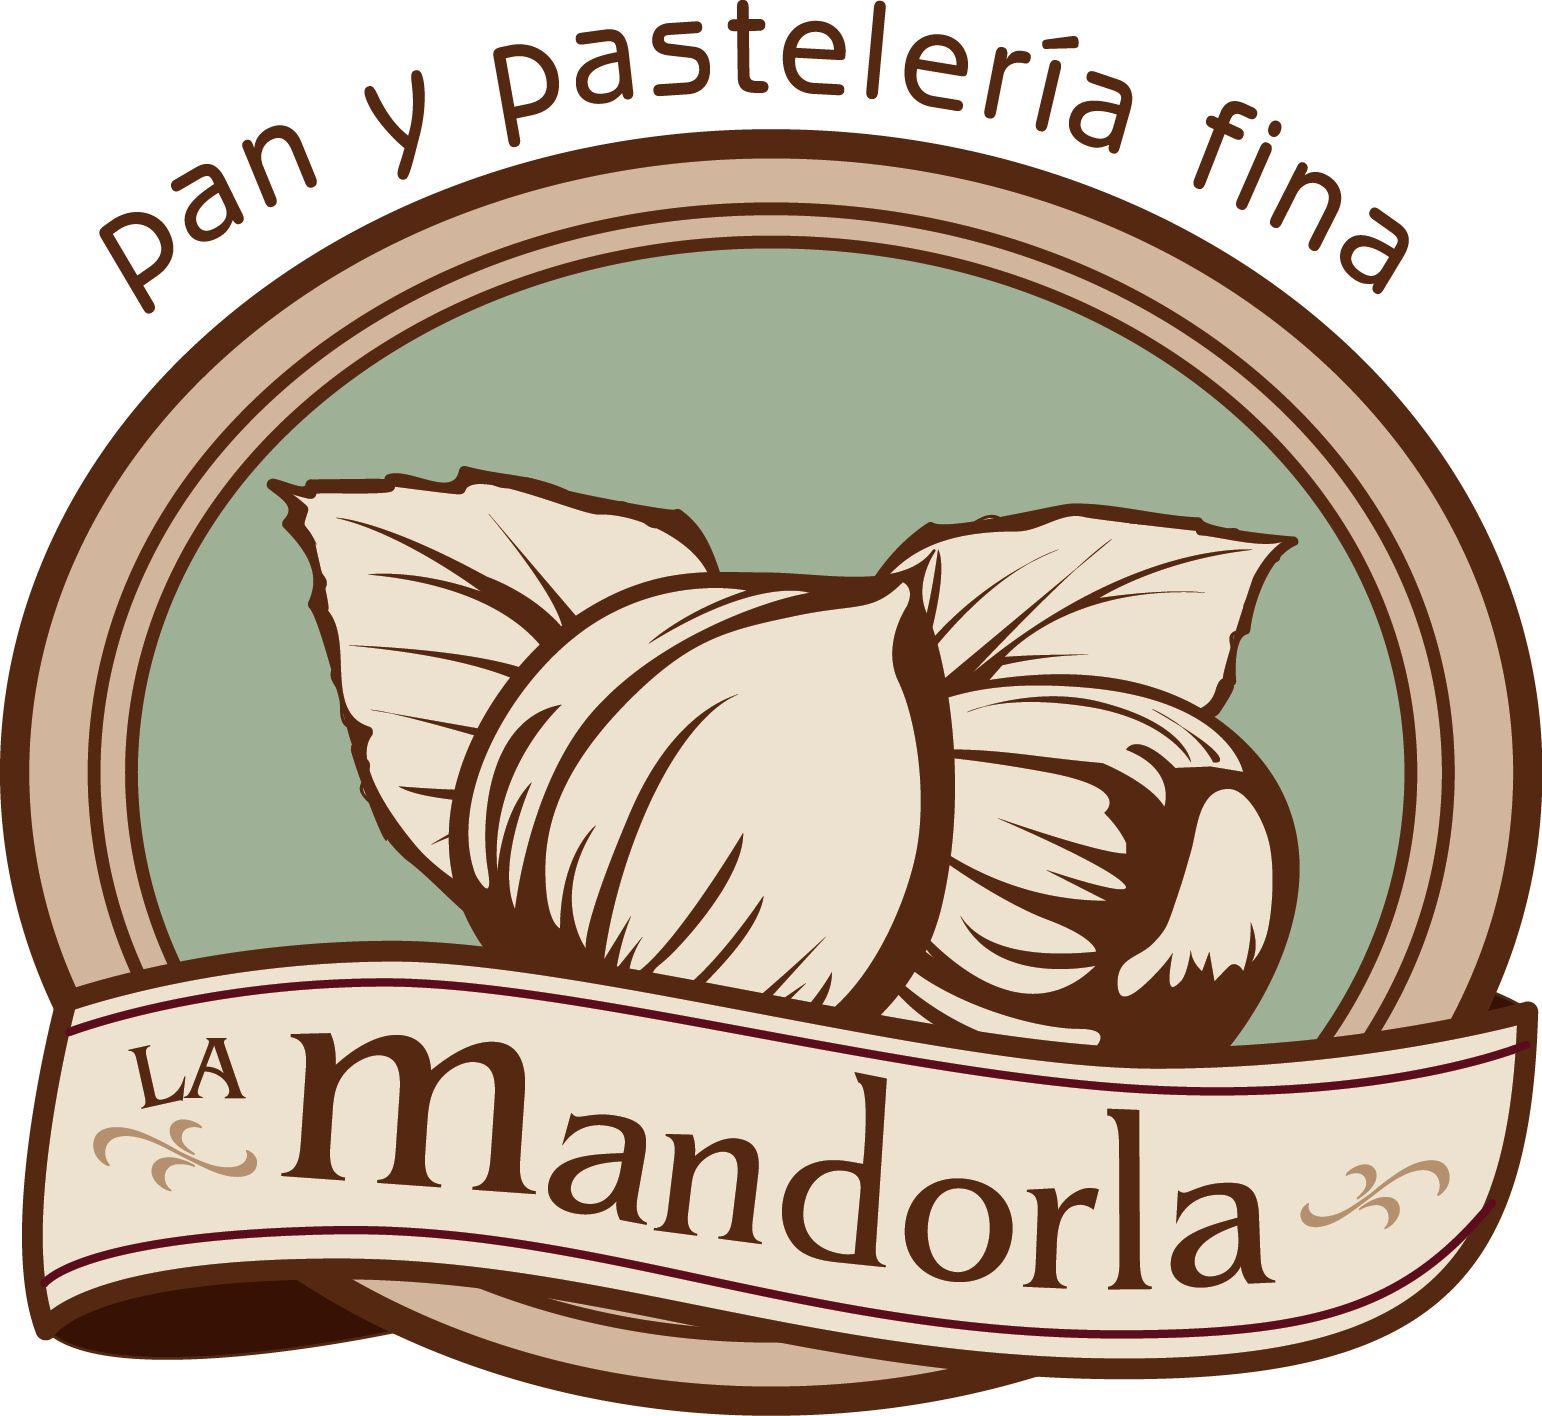 La Mandorla | Pan y pastelería fina